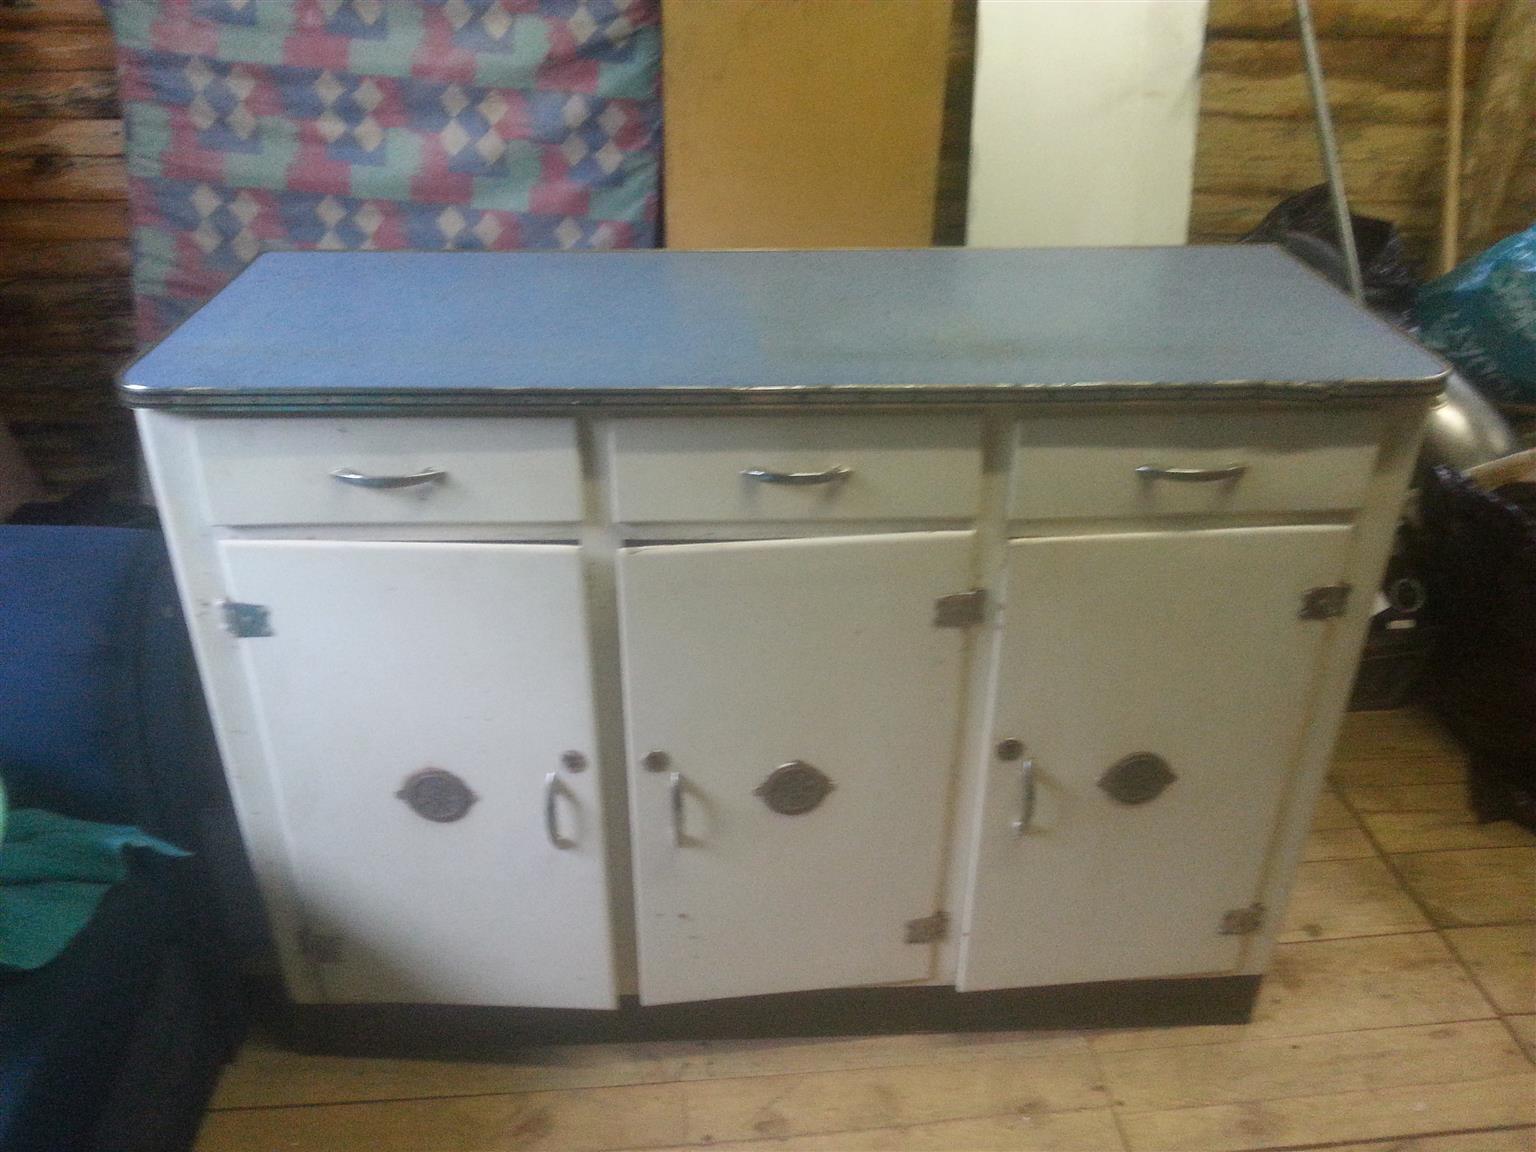 Kitchen 3 door Cabinet - Supra wood - Nice condition